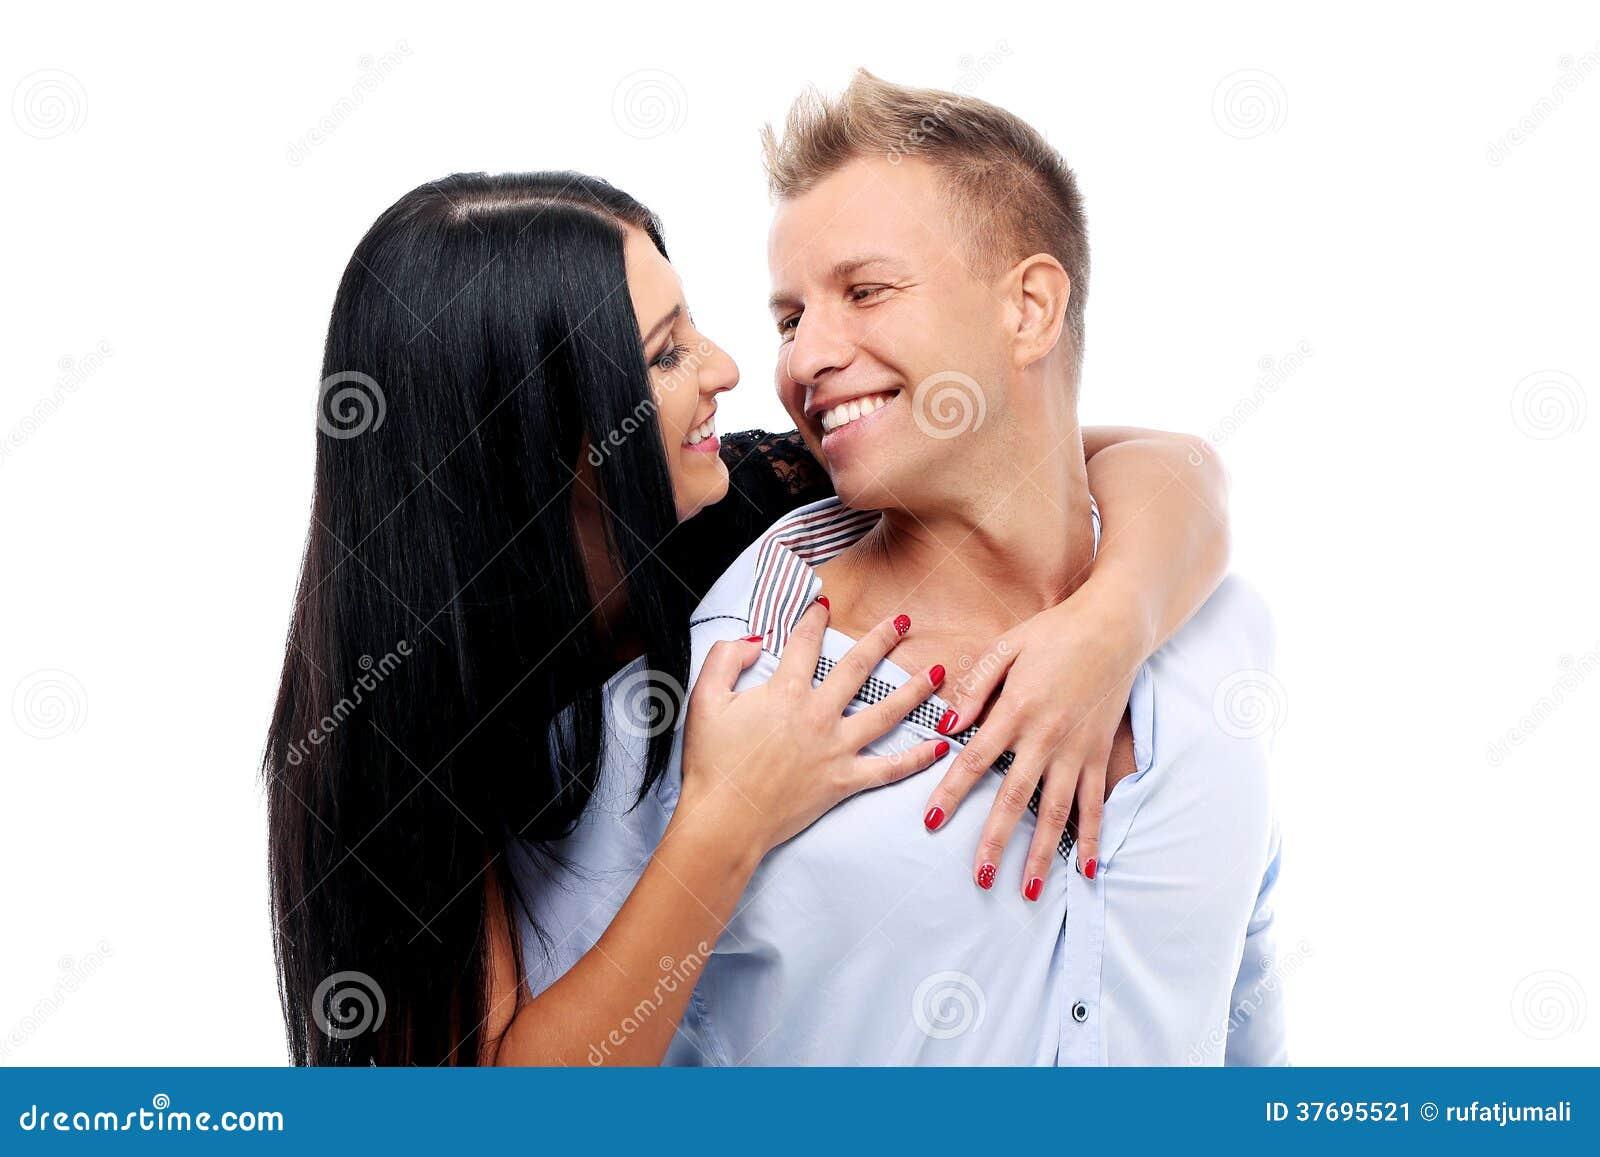 Heisse Frau Kostenlose Pornos und Heisse Frau Sex Videos